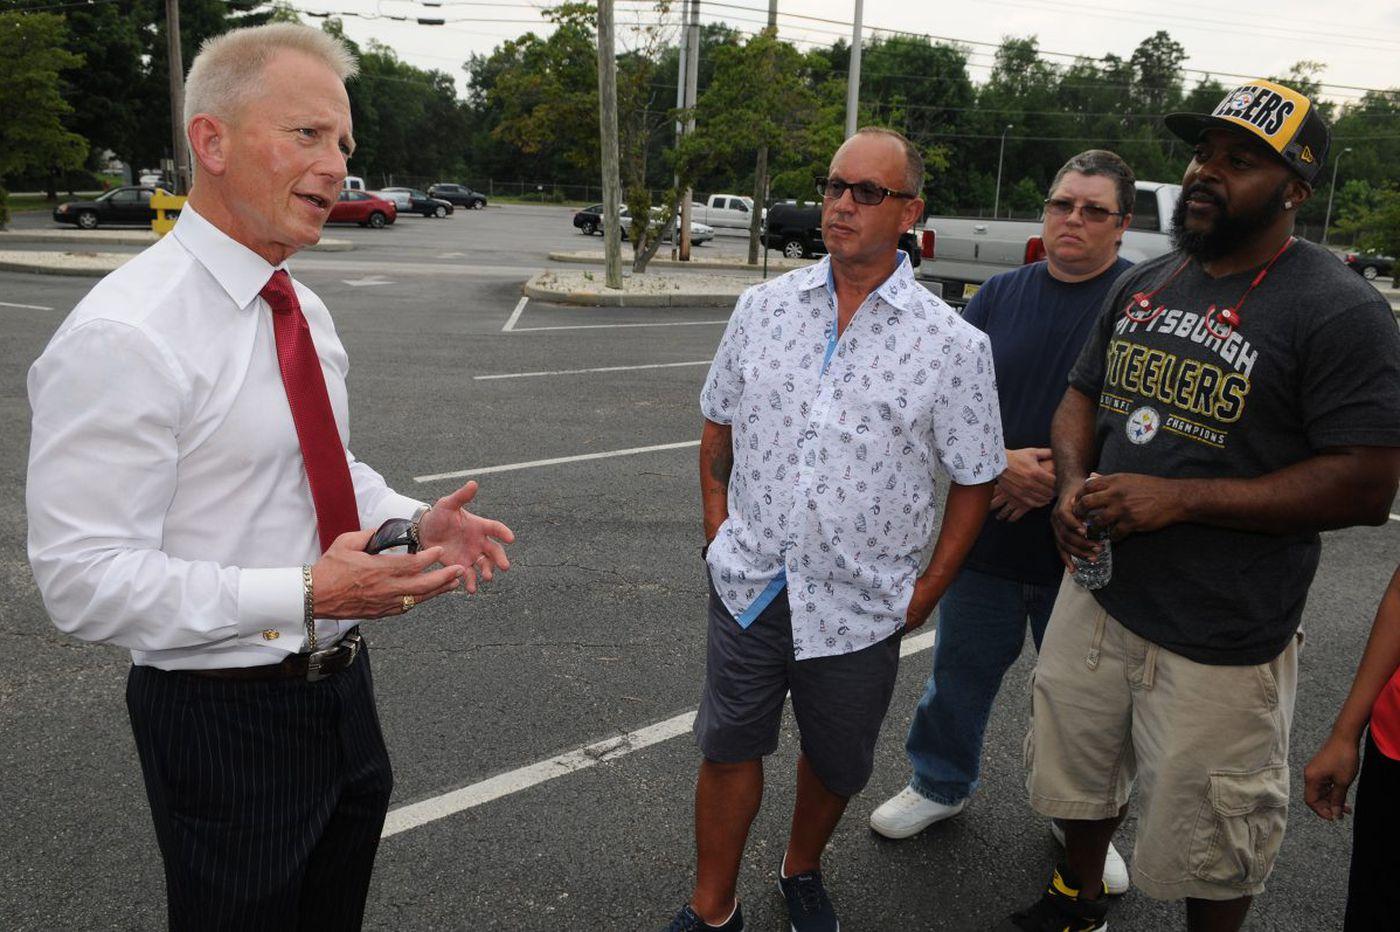 Jeff Van Drew says he's running for LoBiondo's seat in Congress